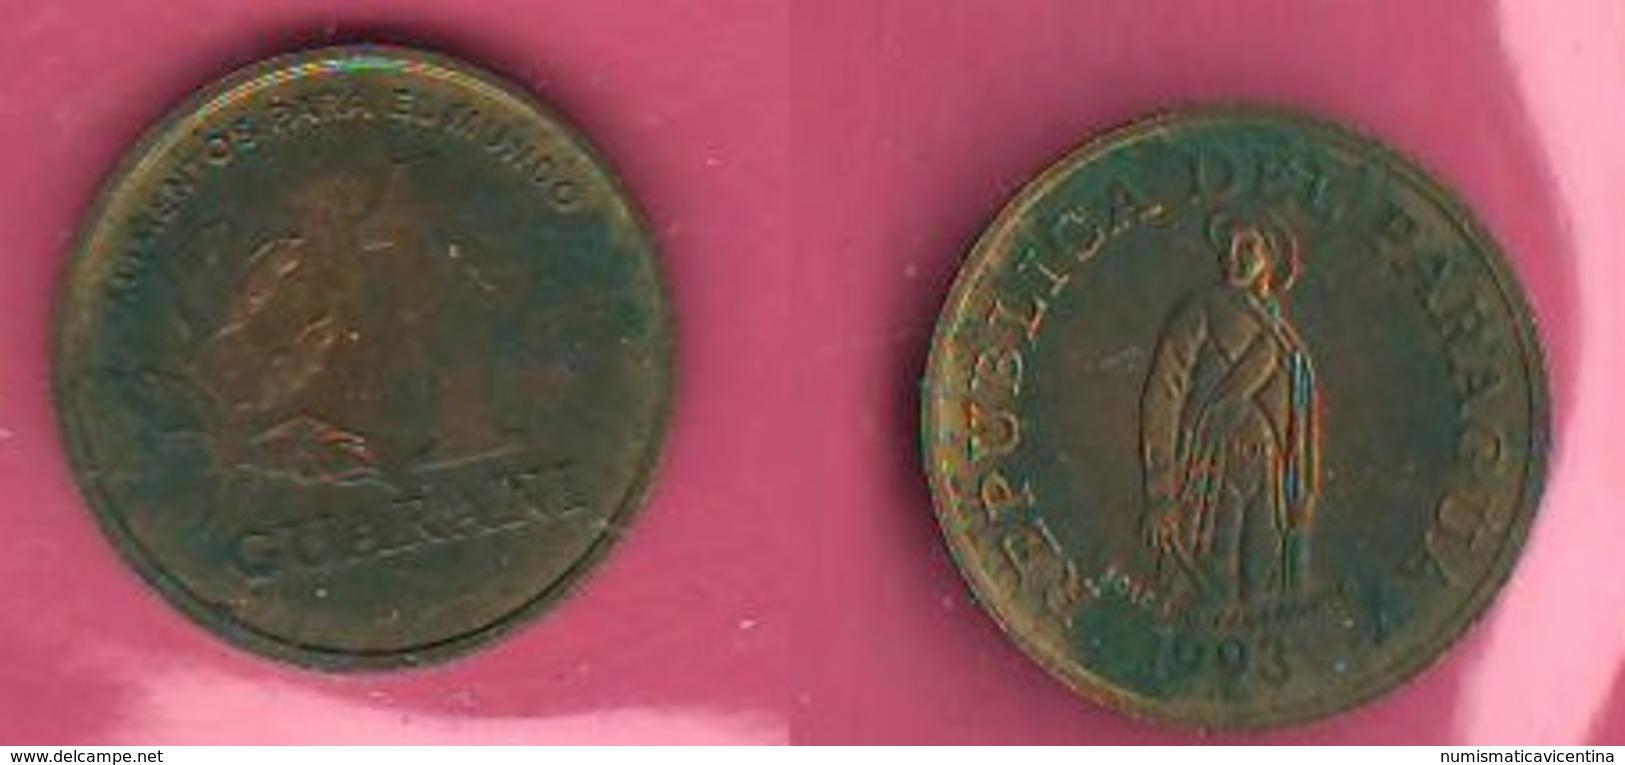 1 Guarani 1993 FAO Paraguay - Paraguay